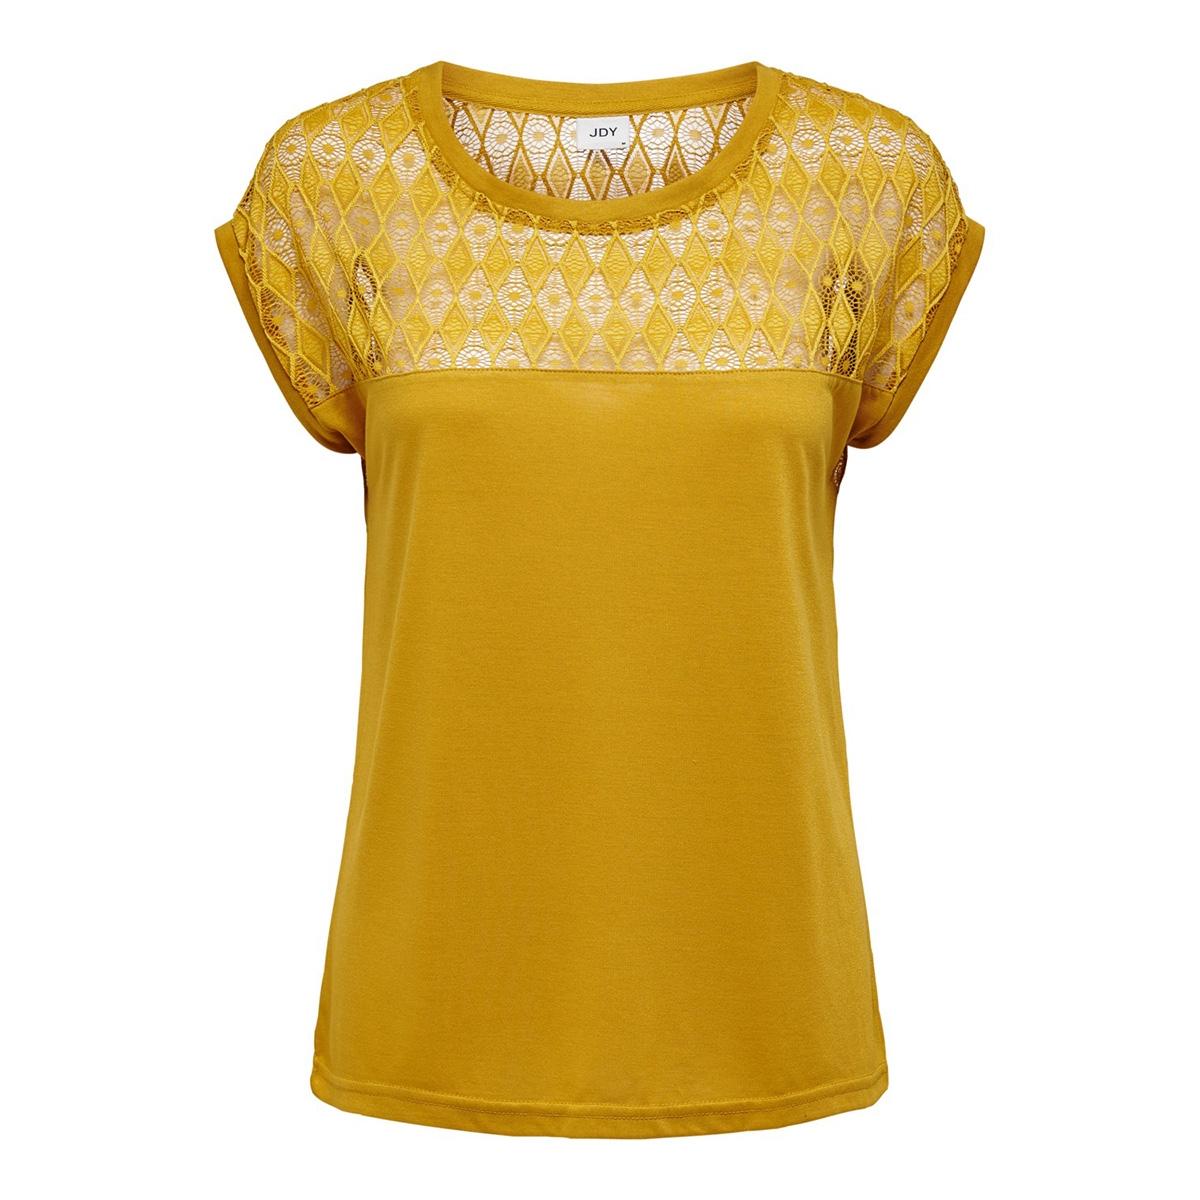 jdykimmie renee s/s lace top jrs ex 15193015 jacqueline de yong t-shirt harvest gold/dtm lace